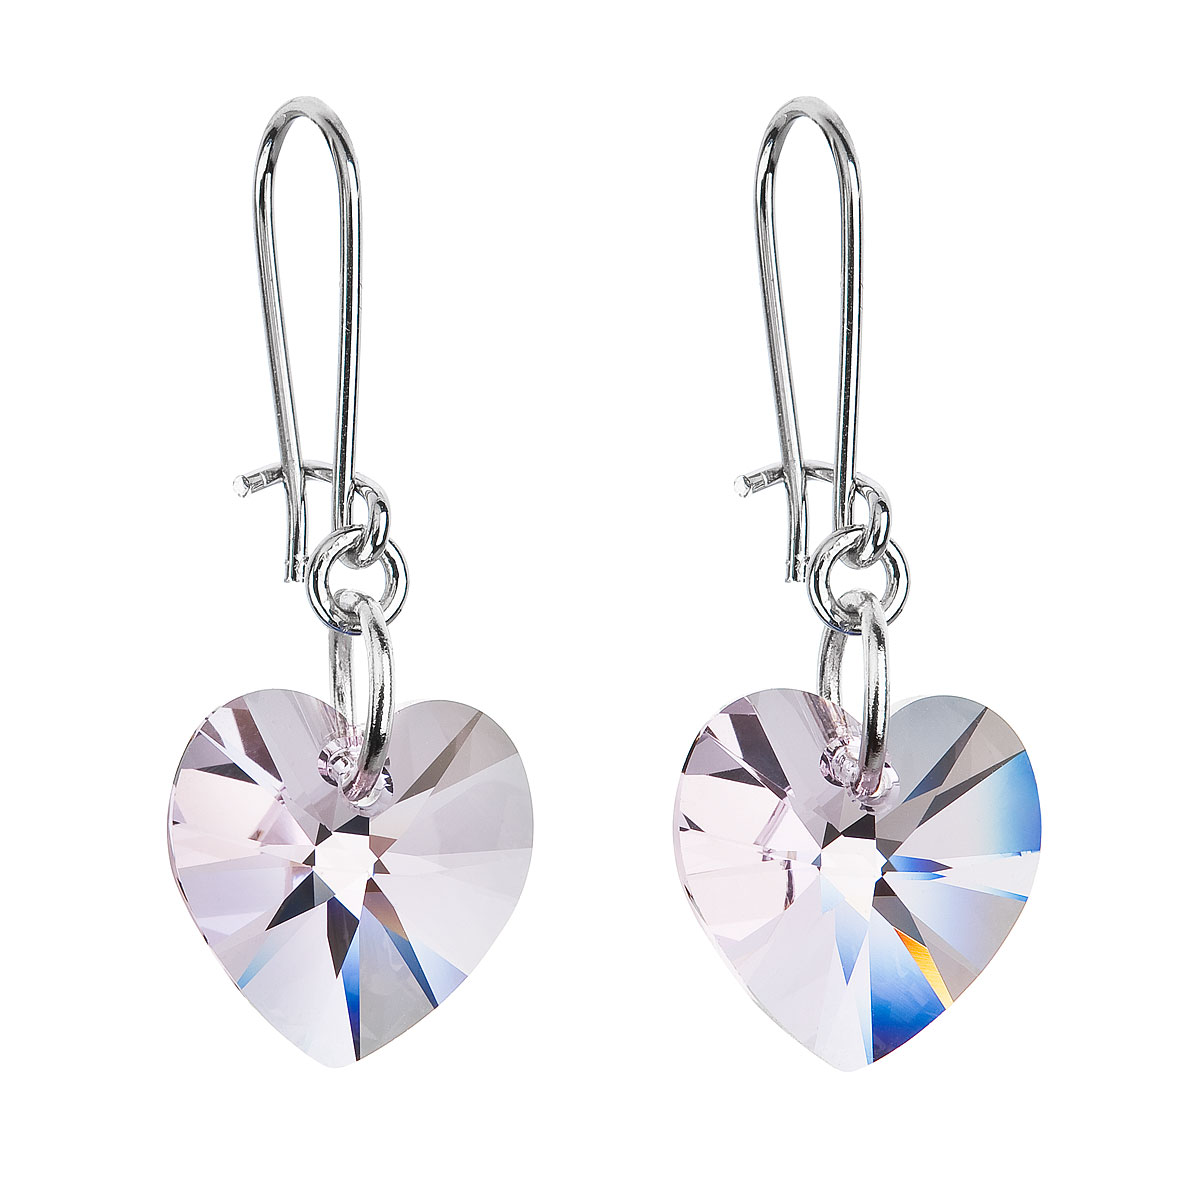 Evolution Group Náušnice bižuterie se Swarovski krystaly růžová srdce 56001.3 rose